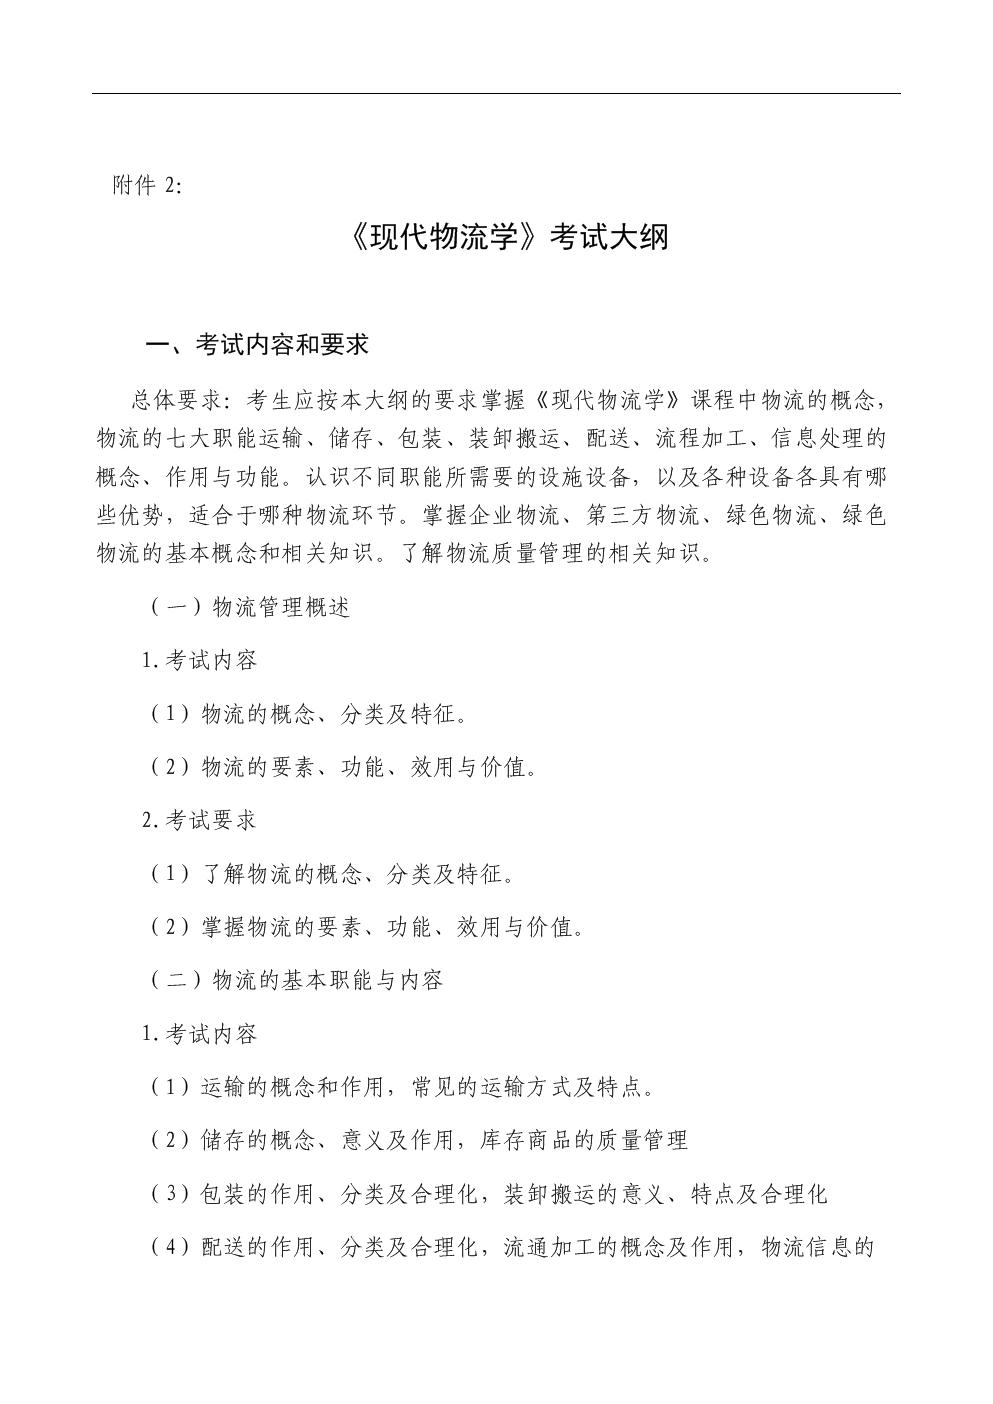 《现代物流学》考试大纲.docx